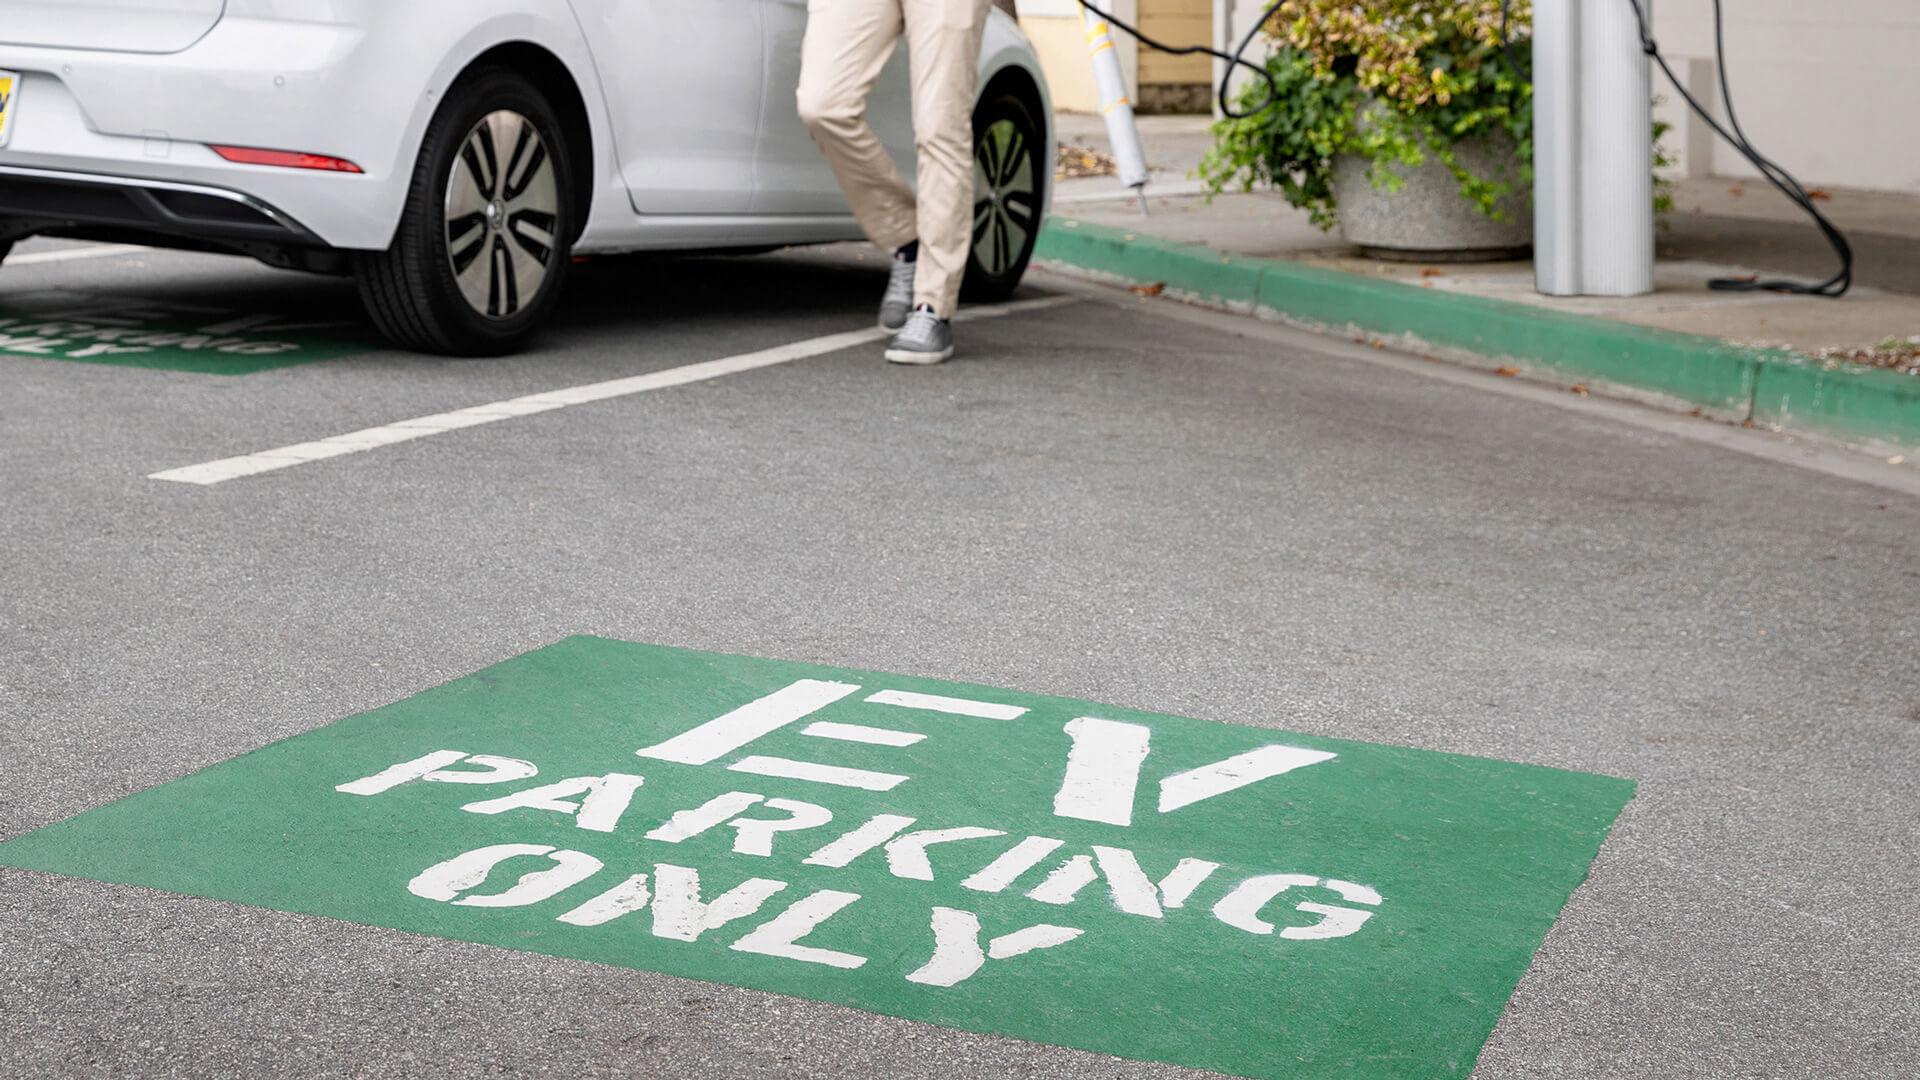 Украинский парламент ввел ответственность за парковку на местах для электрокаров